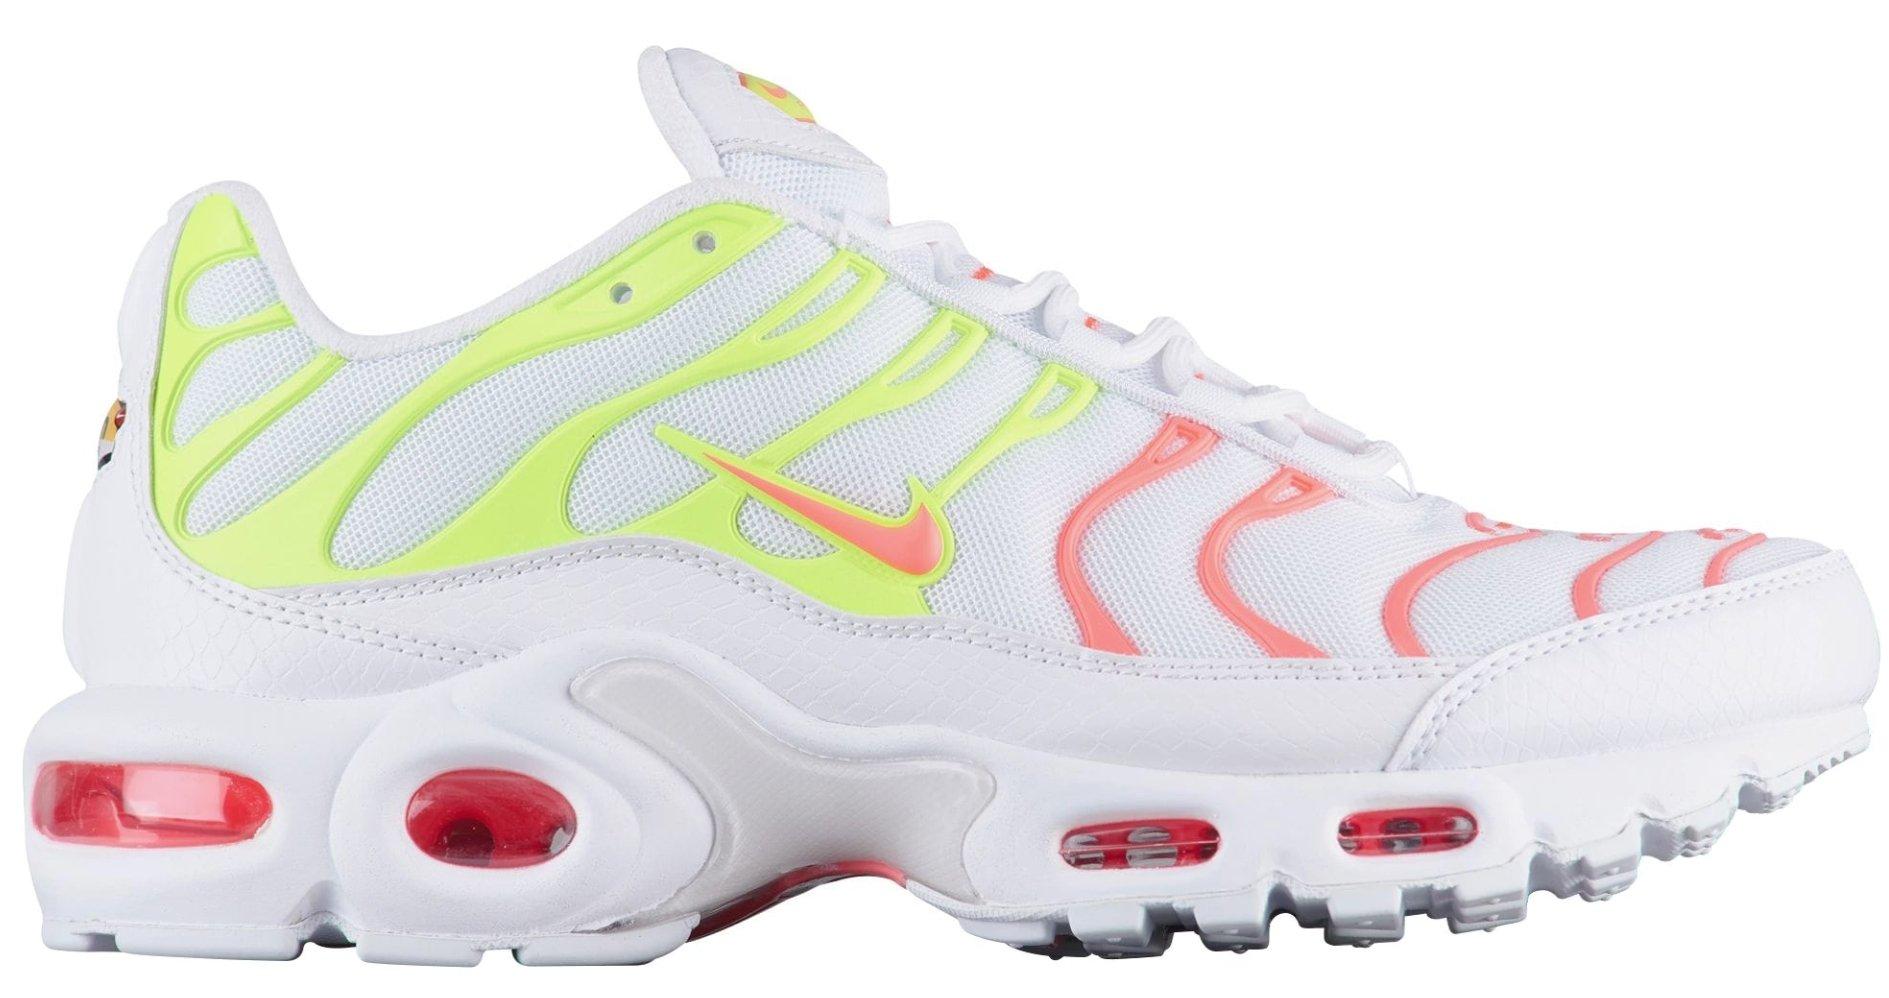 innovative design 0ecc3 7ced6 Nike WMNS Air Max Plus Se Womens 862201-102 Size 6